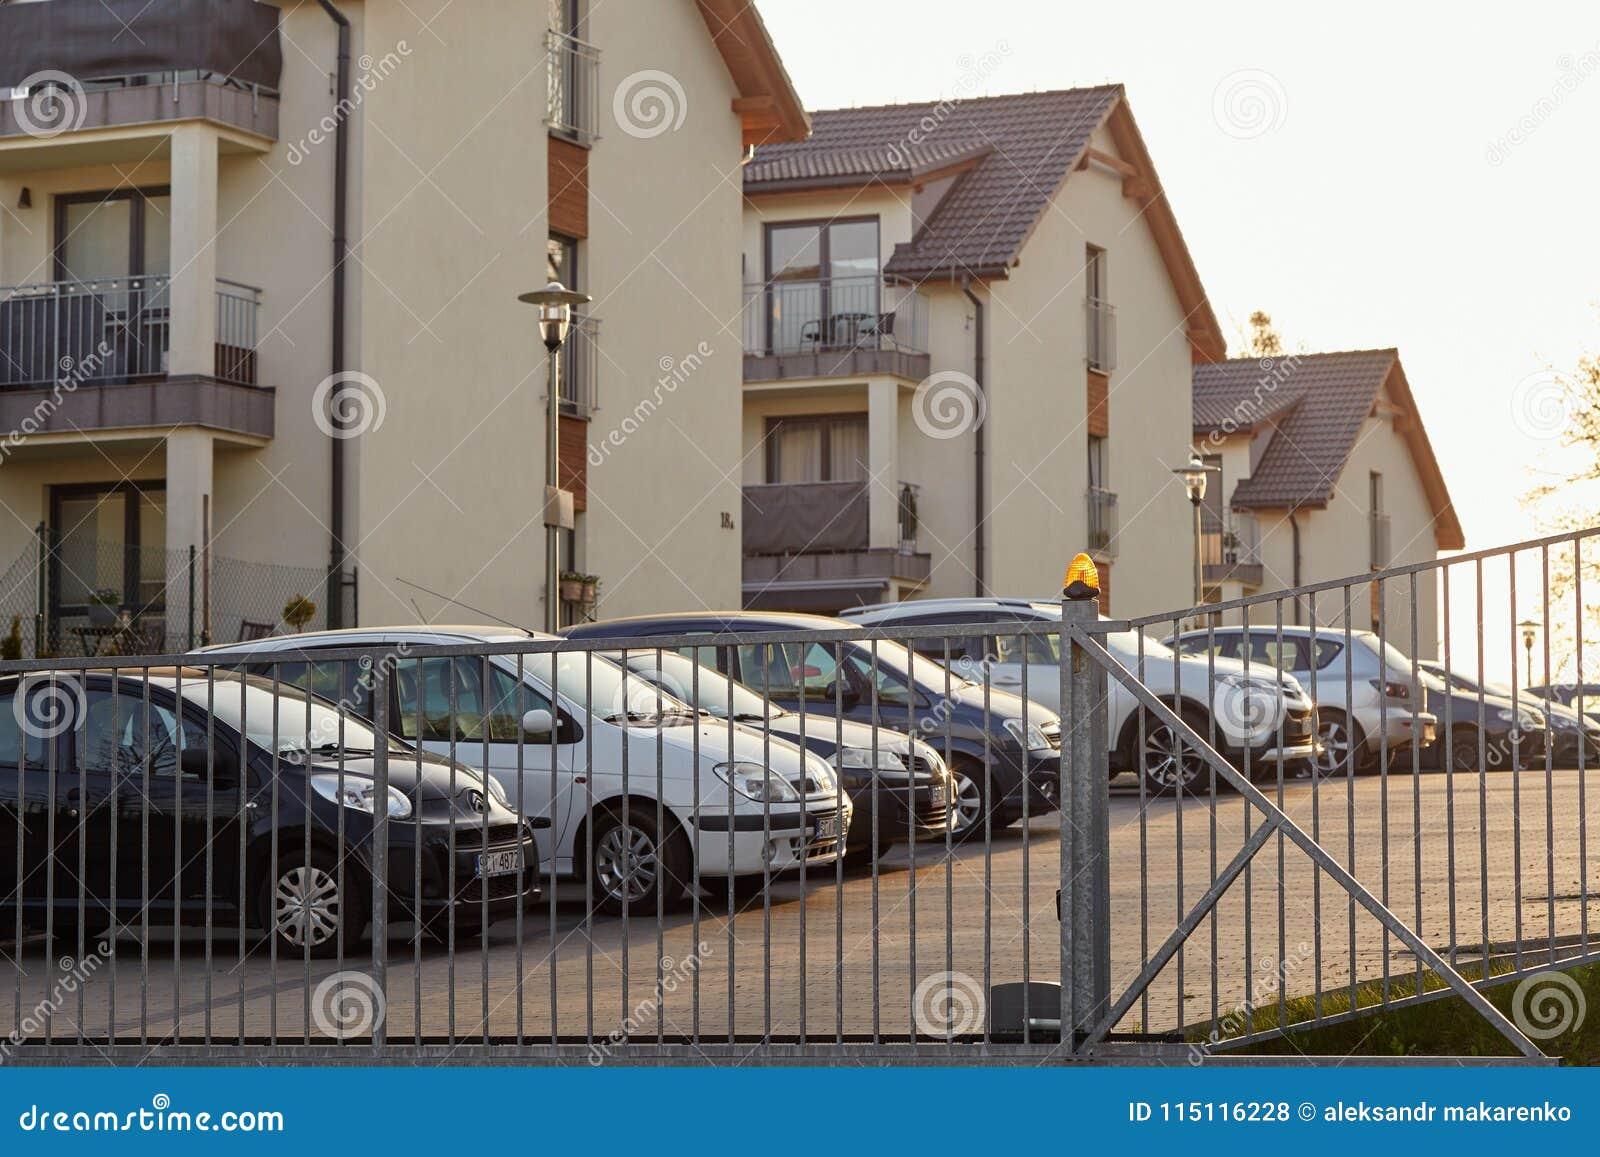 Cieszyn, Πολωνία - 15 Απριλίου 2018: Το αυτοκίνητο σταθμεύουν σε έναν ιδιωτικό χώρο στάθμευσης πίσω από την κυλώντας πύλη